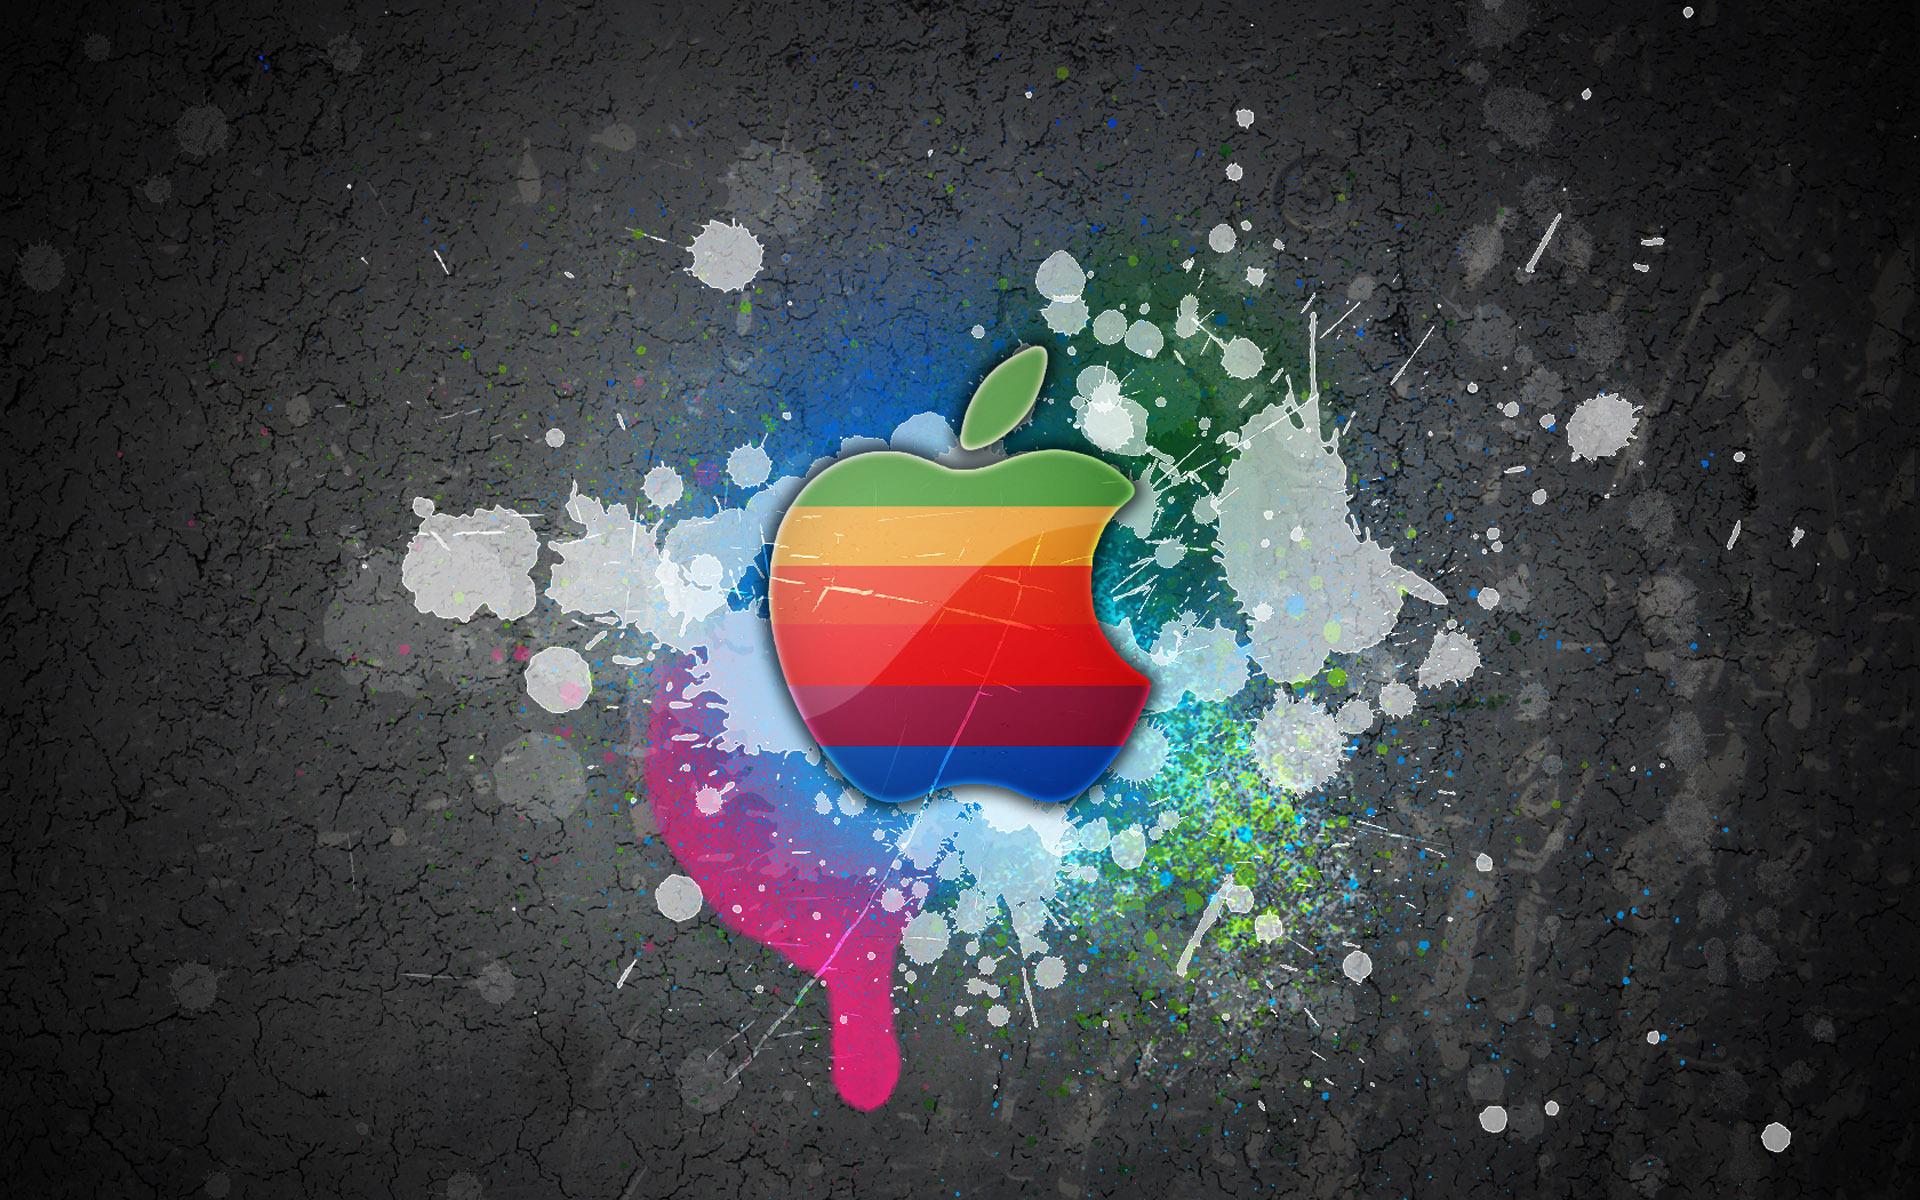 13570 Hintergrundbild herunterladen Apple-, Marken, Kunst, Logos - Bildschirmschoner und Bilder kostenlos